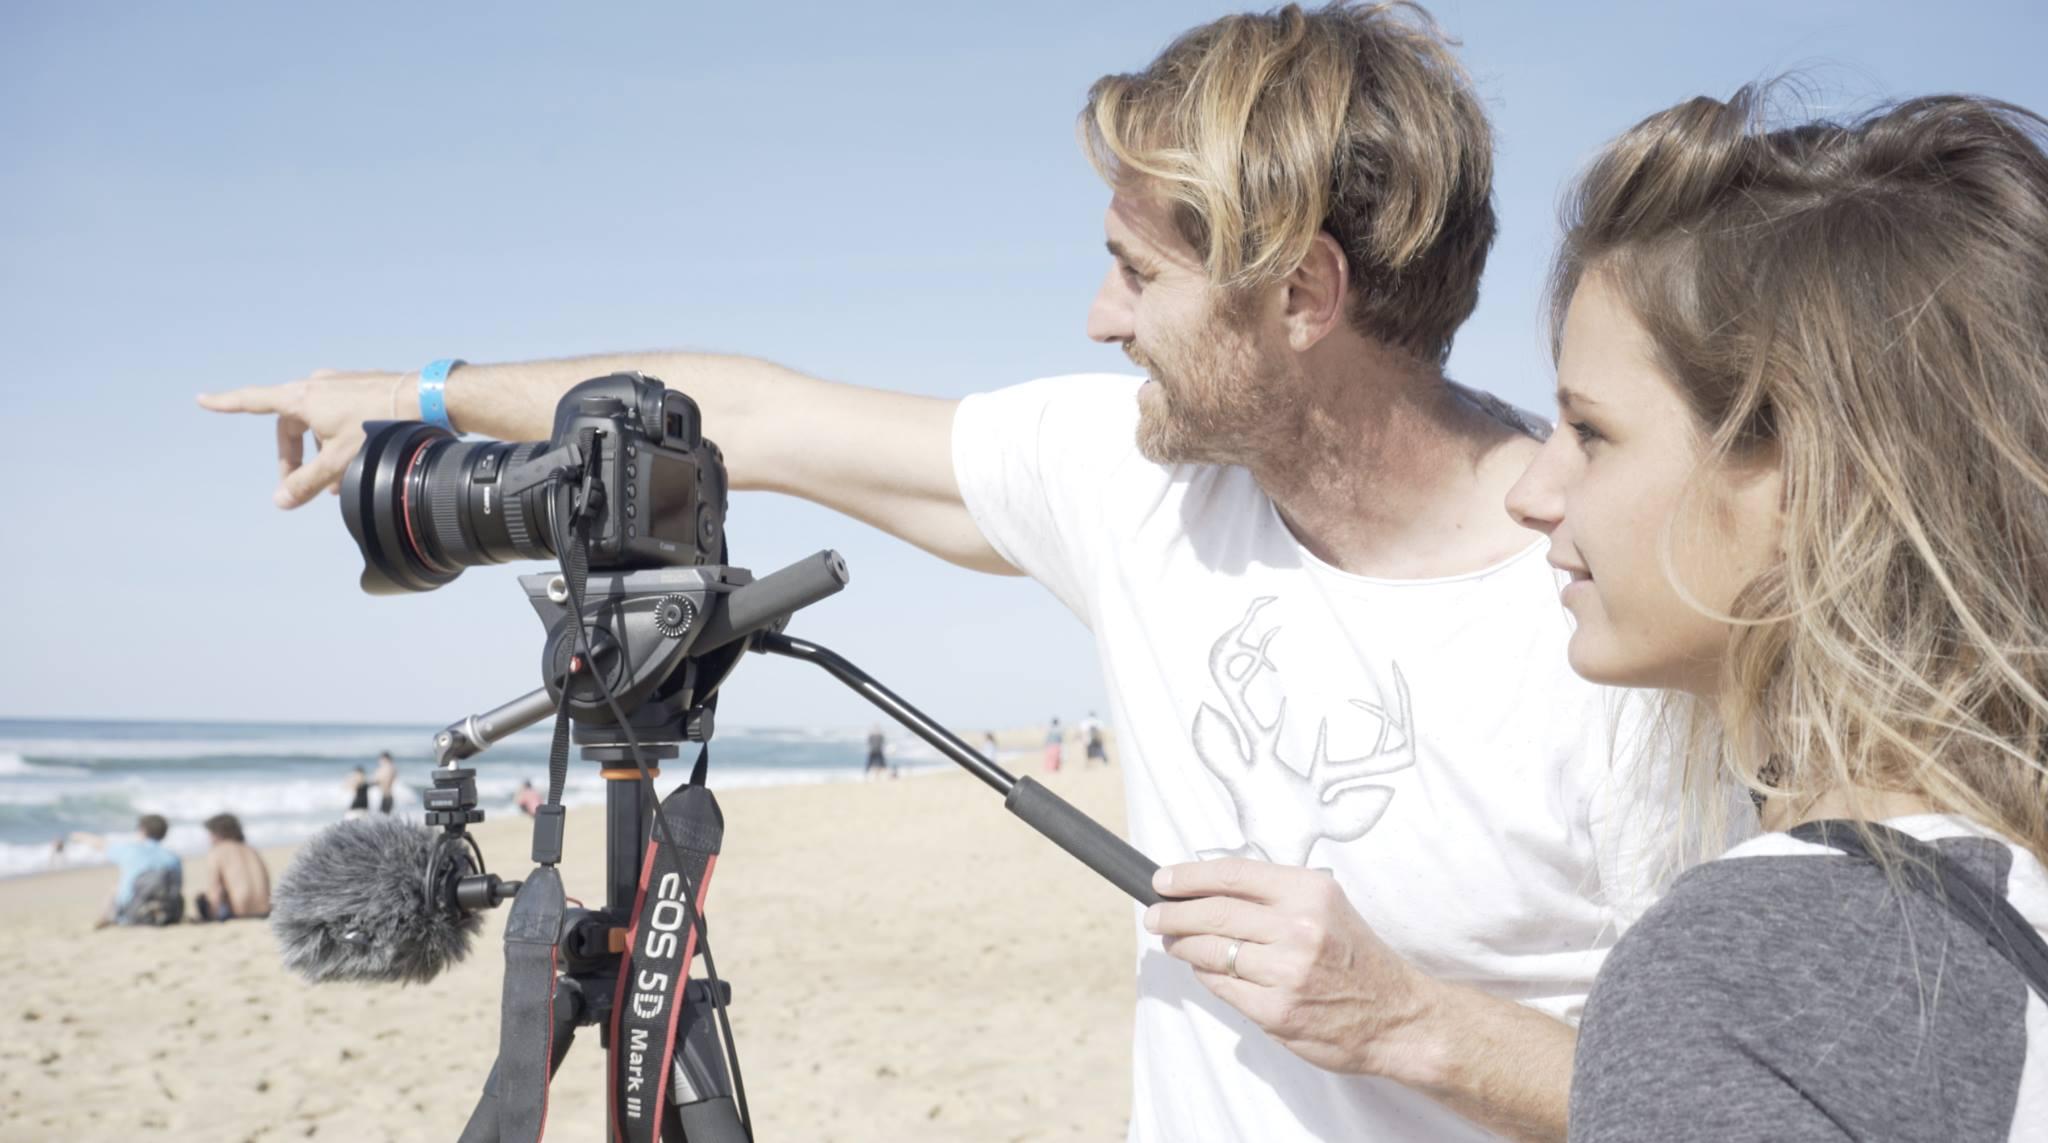 """""""Nous souhaiterions nous rendre à Tahiti en septembre 2017 pour trois semaines"""", explique Manon Lanza. """"Nous mettons toute notre énergie pour que ce film voit le jour et fasse grandir la popularité du surf féminin."""""""